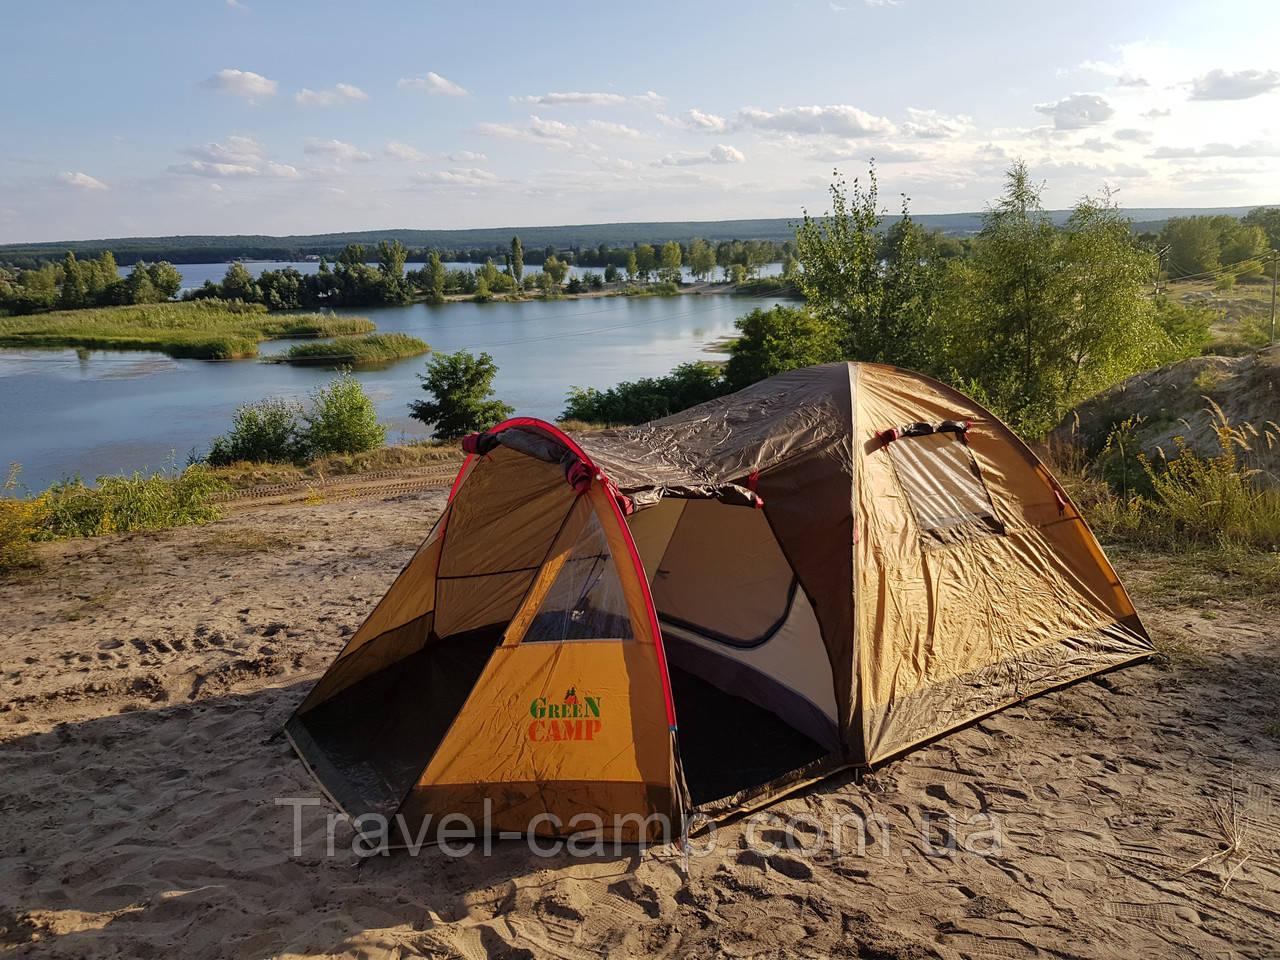 Премиальная туристическая палатка (3-х местная) от американского бренда GreenCamp